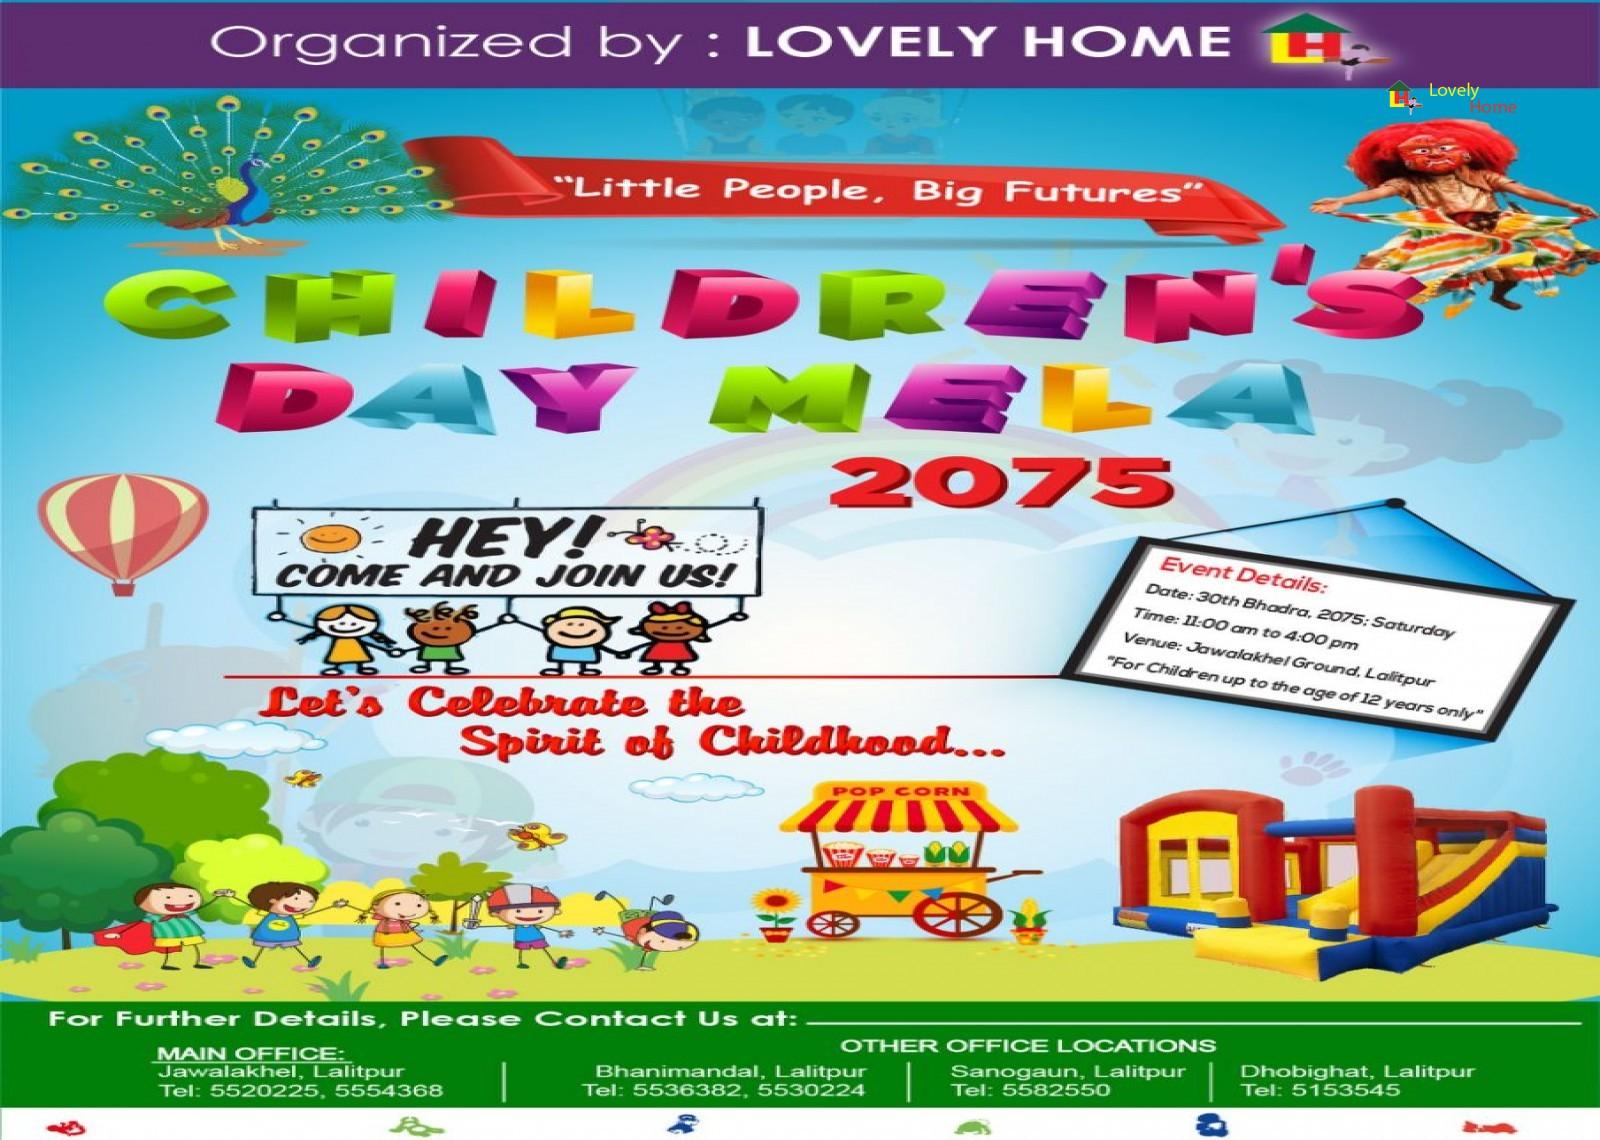 Children's Day Mela 2075